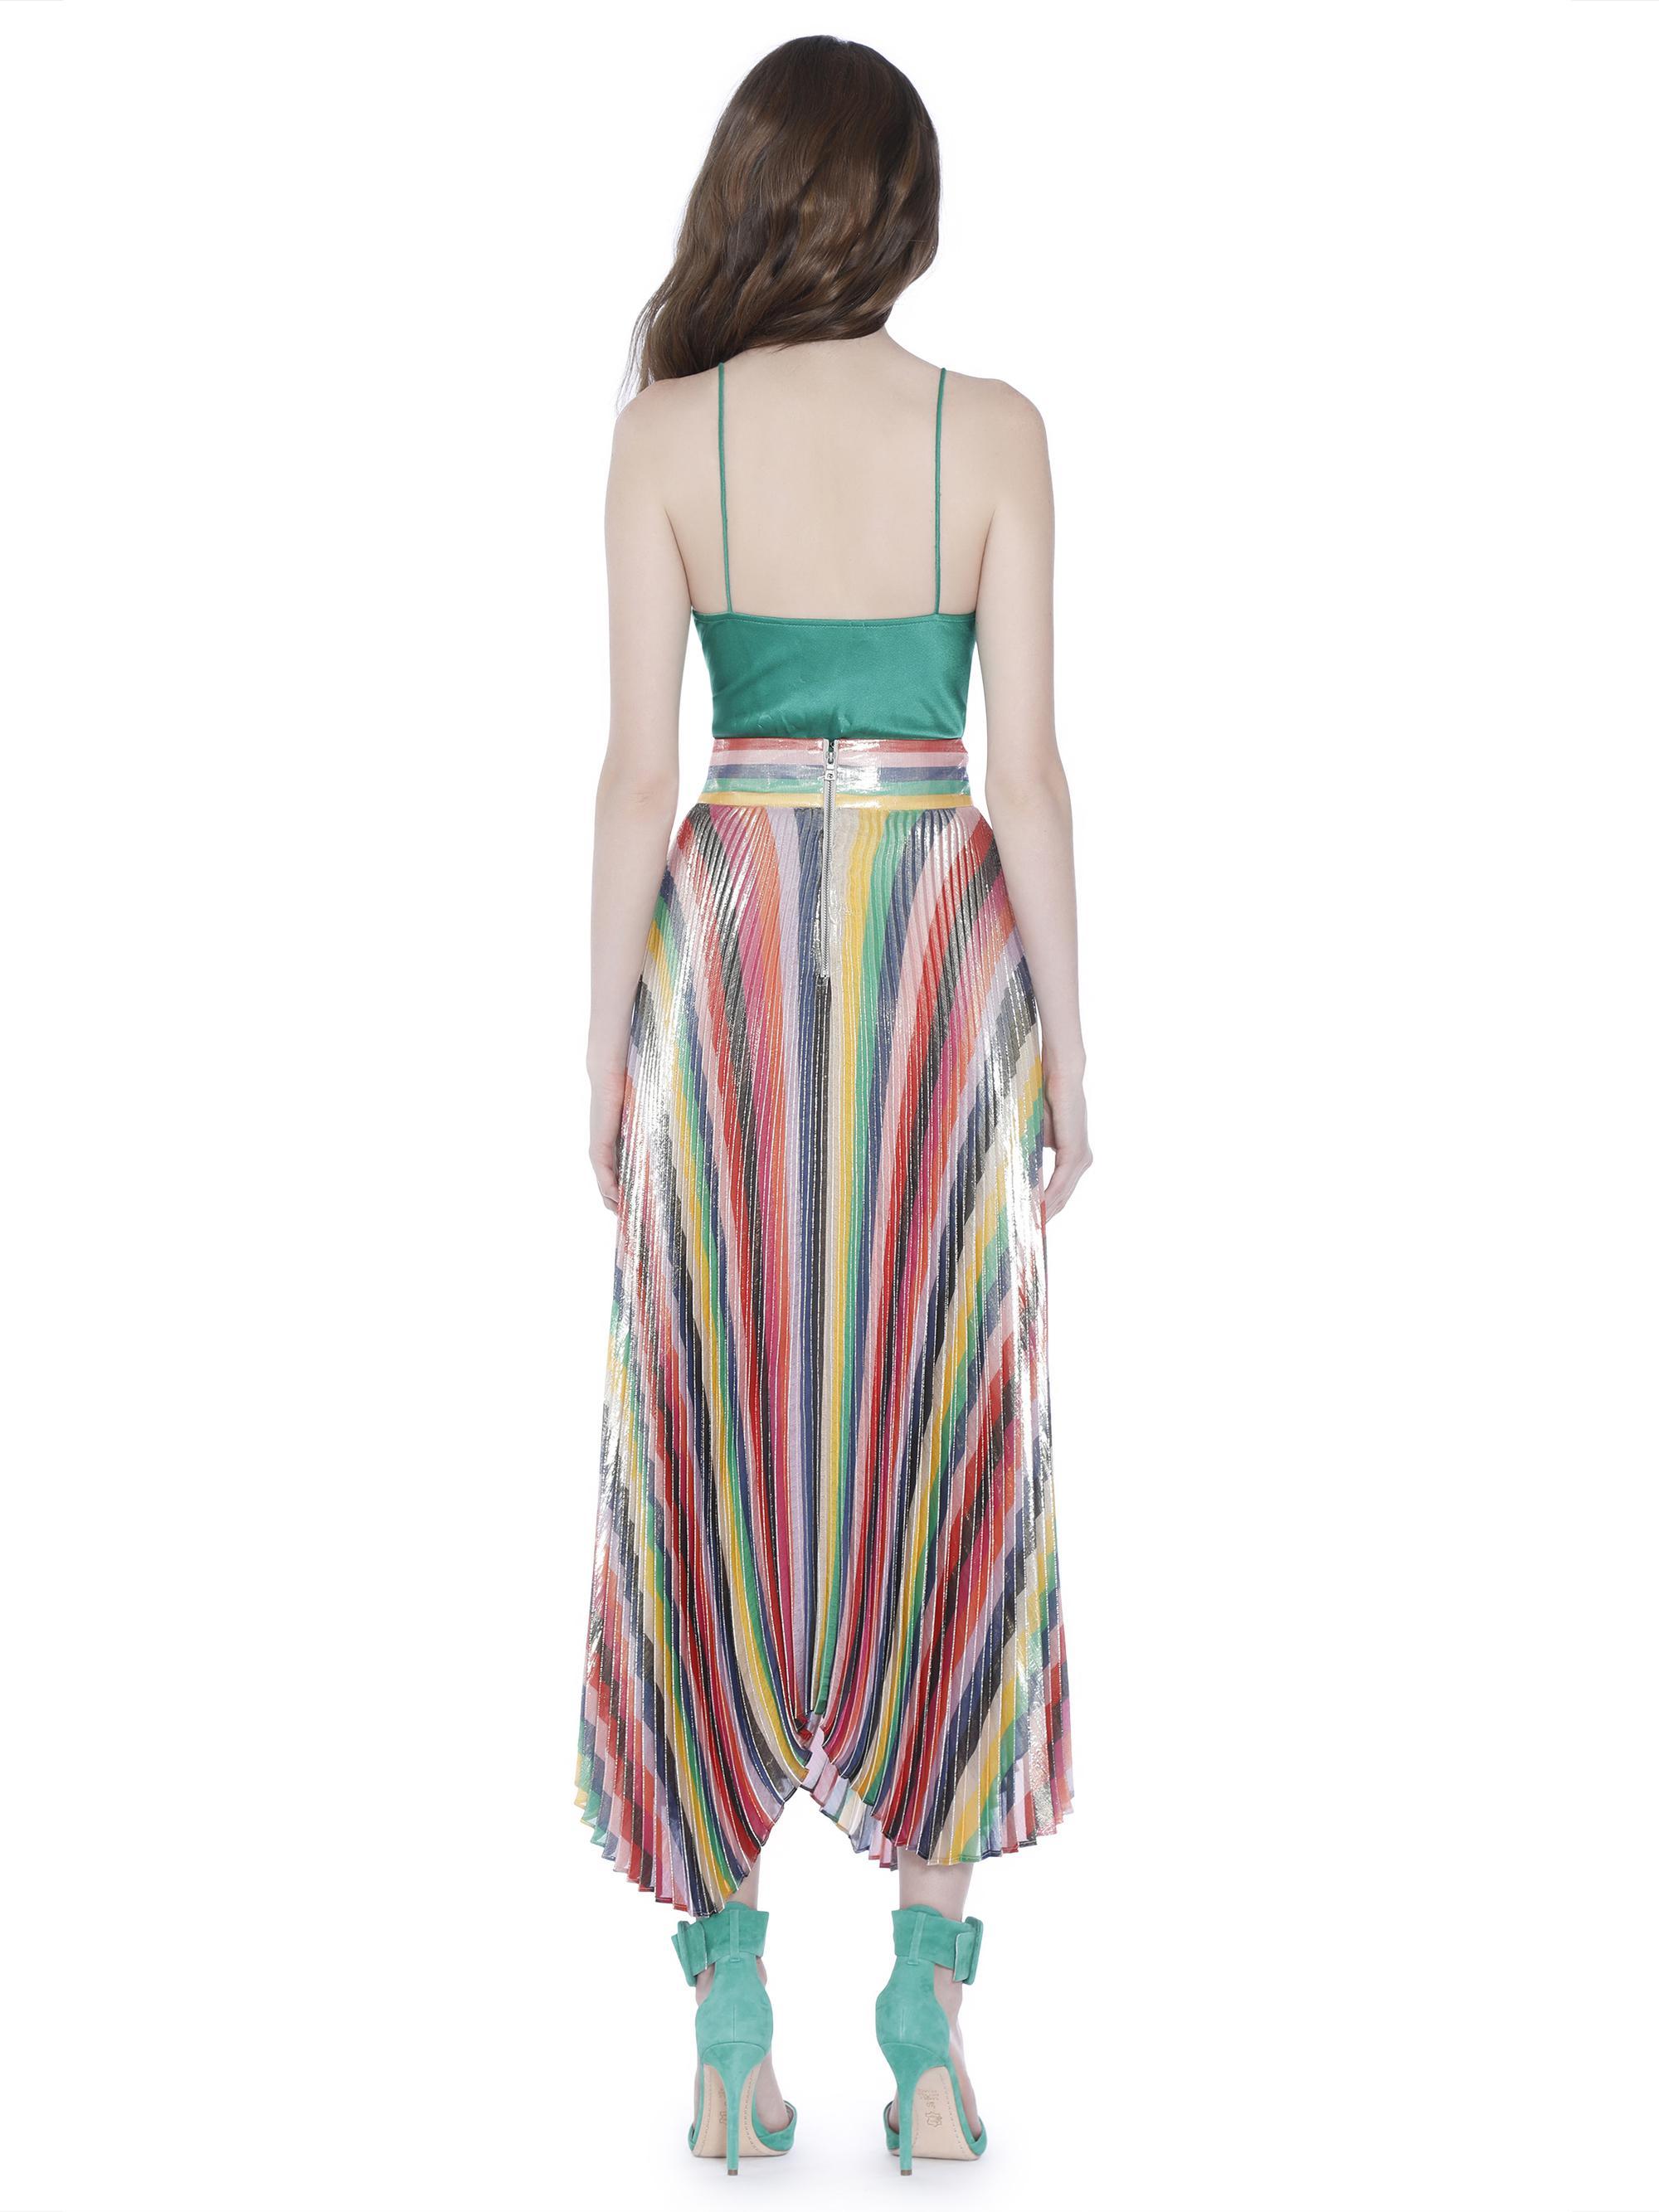 4db63b6a8 Alice + Olivia Katz Sunburst Pleat Midi Skirt - Lyst